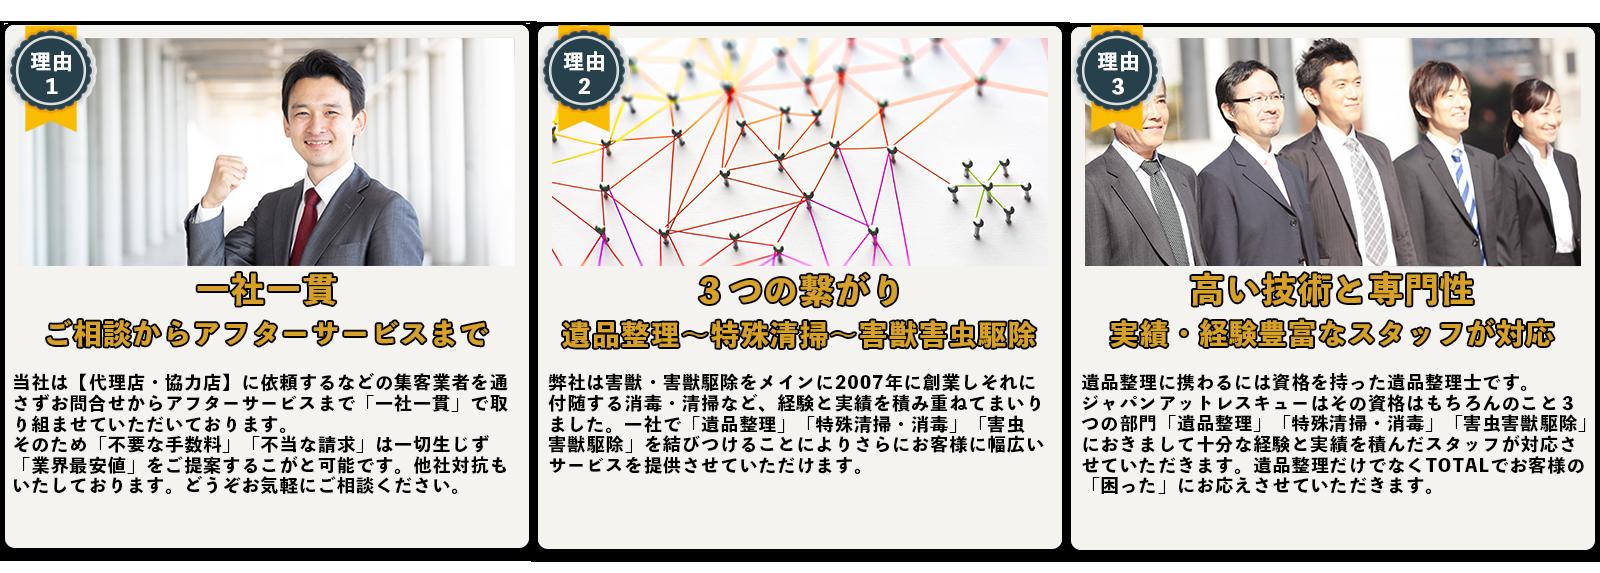 ジャパンアットレスキュー株式会社が選ばれる3つの理由